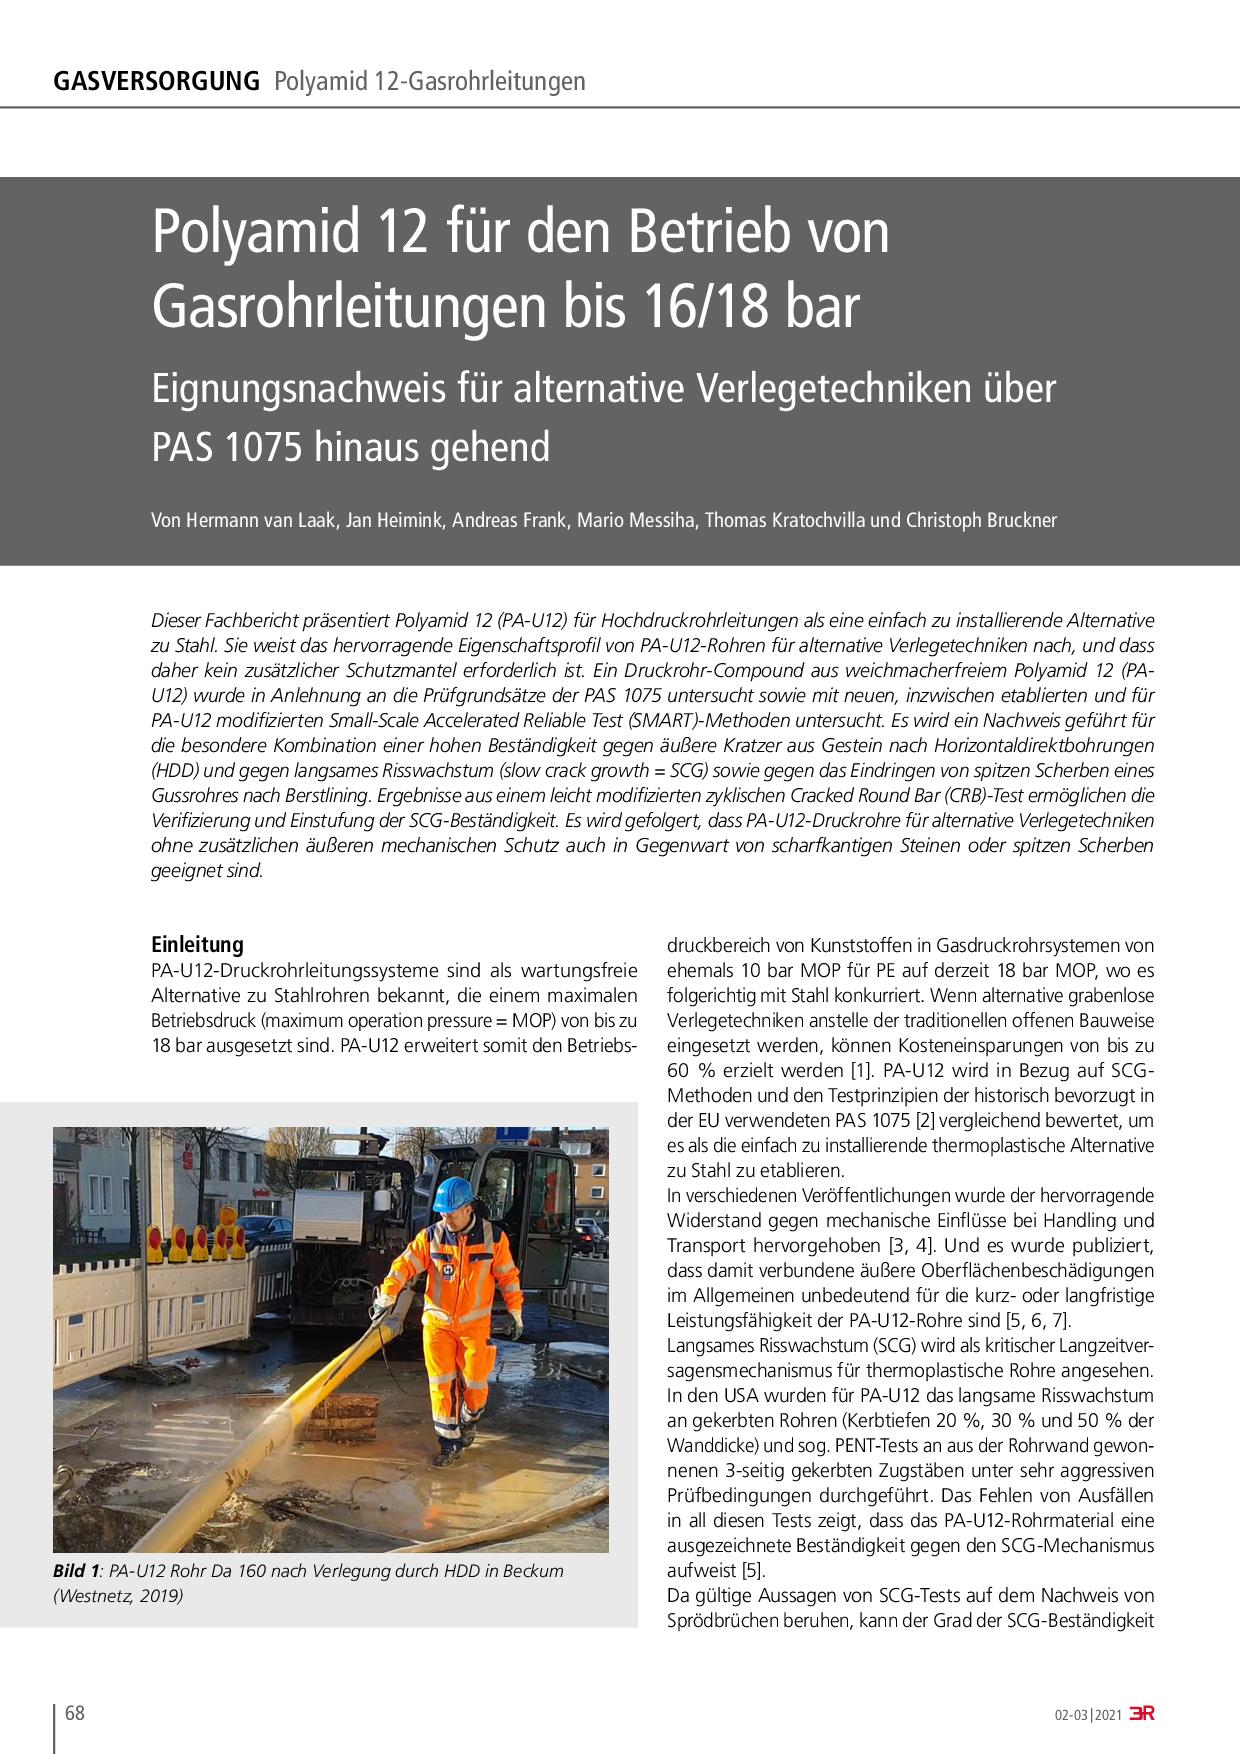 Polyamid 12 für den Betrieb von Gasrohrleitungen bis 16/18 bar